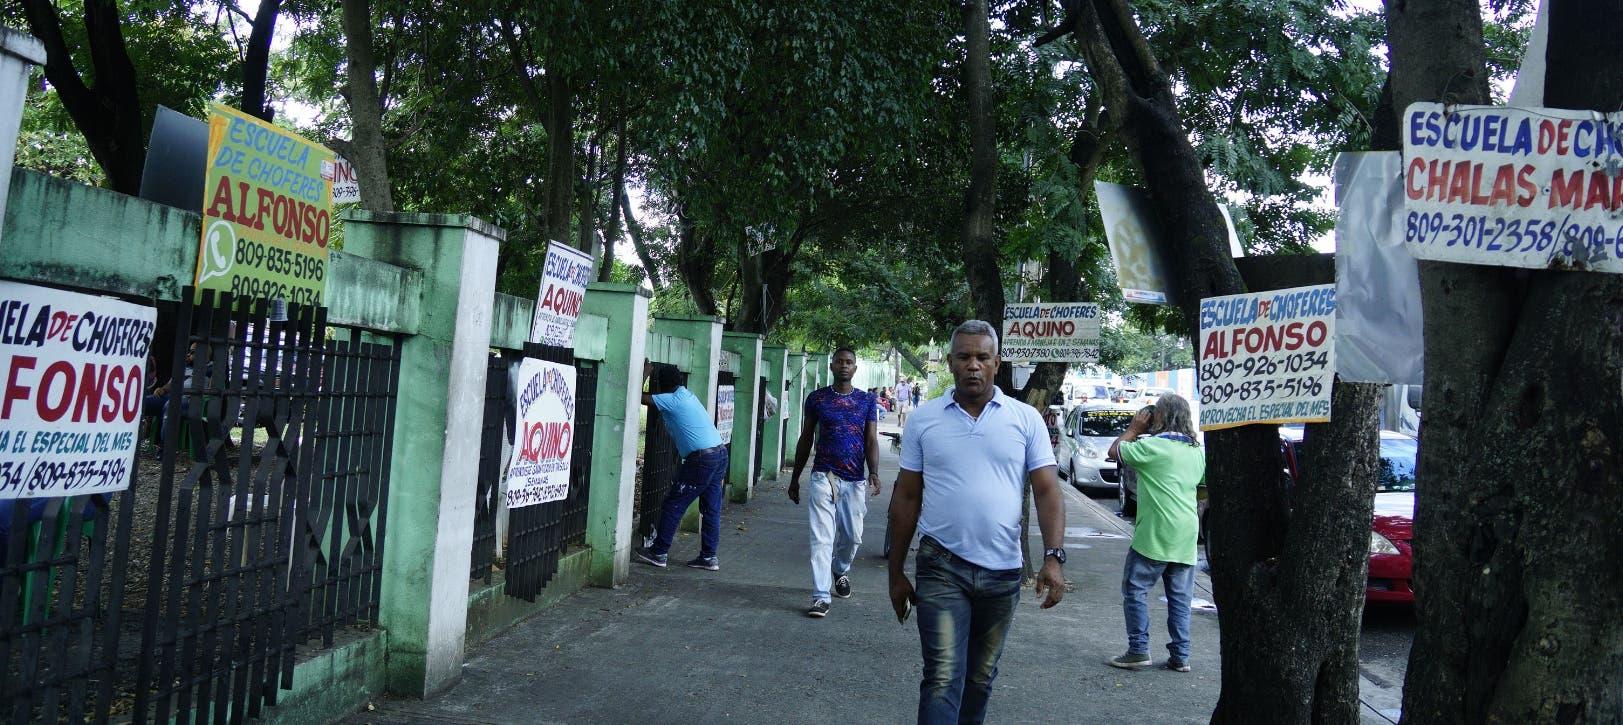 Los propietarios de esas escuelas exhiben sus letreros con ofertas en los alrededores del estadio Quisqueya.  Elieser Tapia.